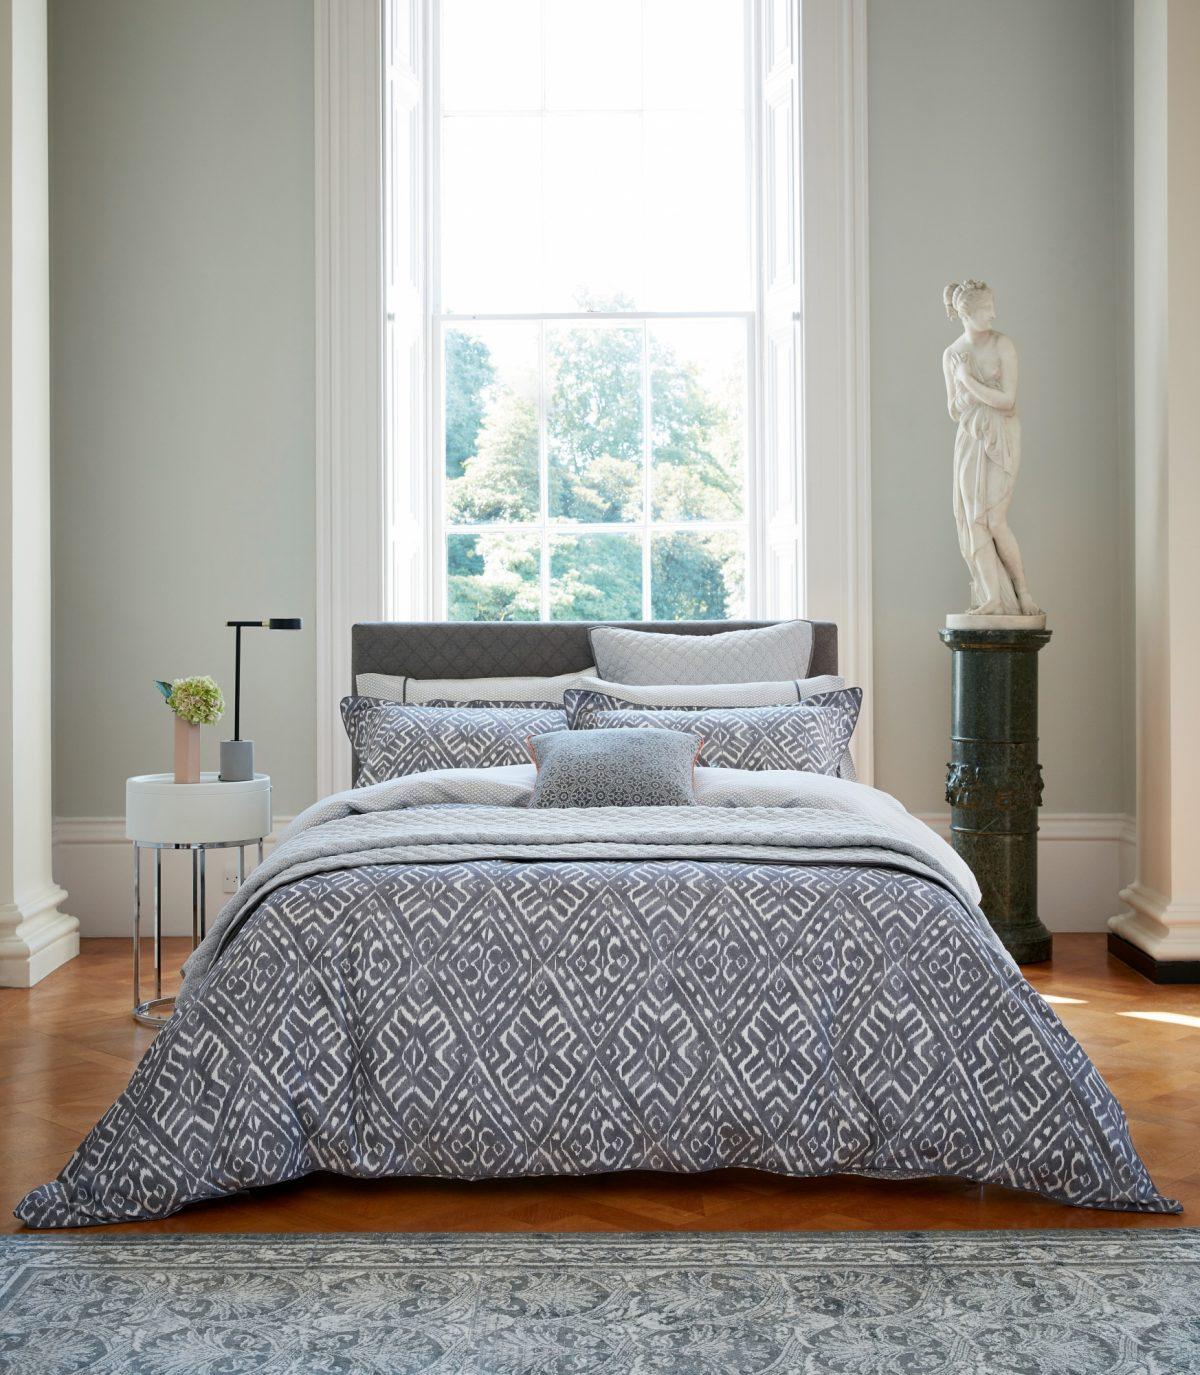 BEDECK OF BELFAST CADENZA GREY main bed v1 HR